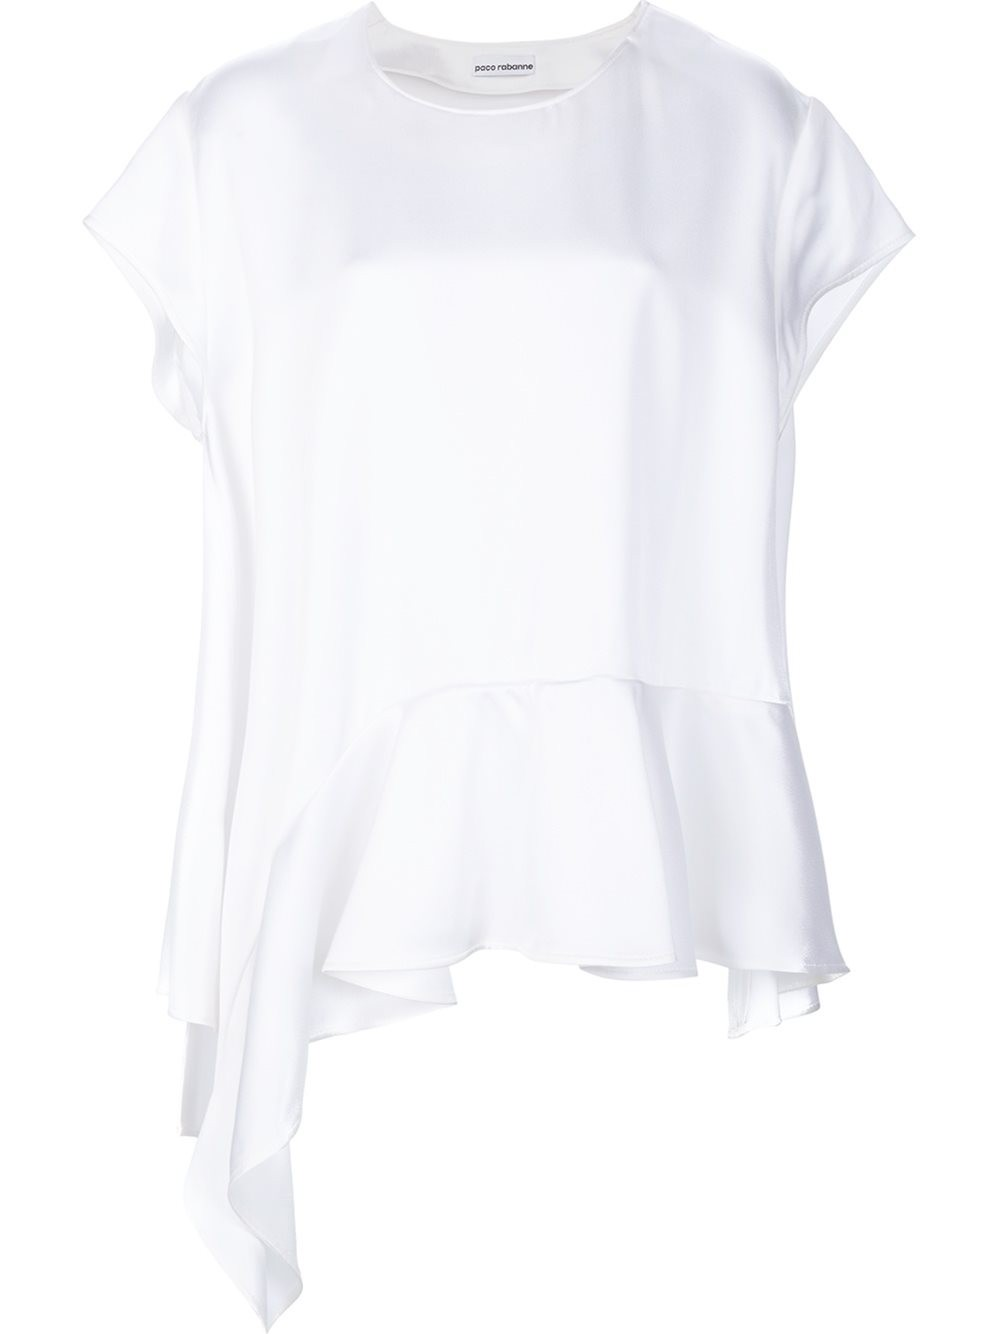 Paco Rabanne T-shirts ruffle hem T-shirt